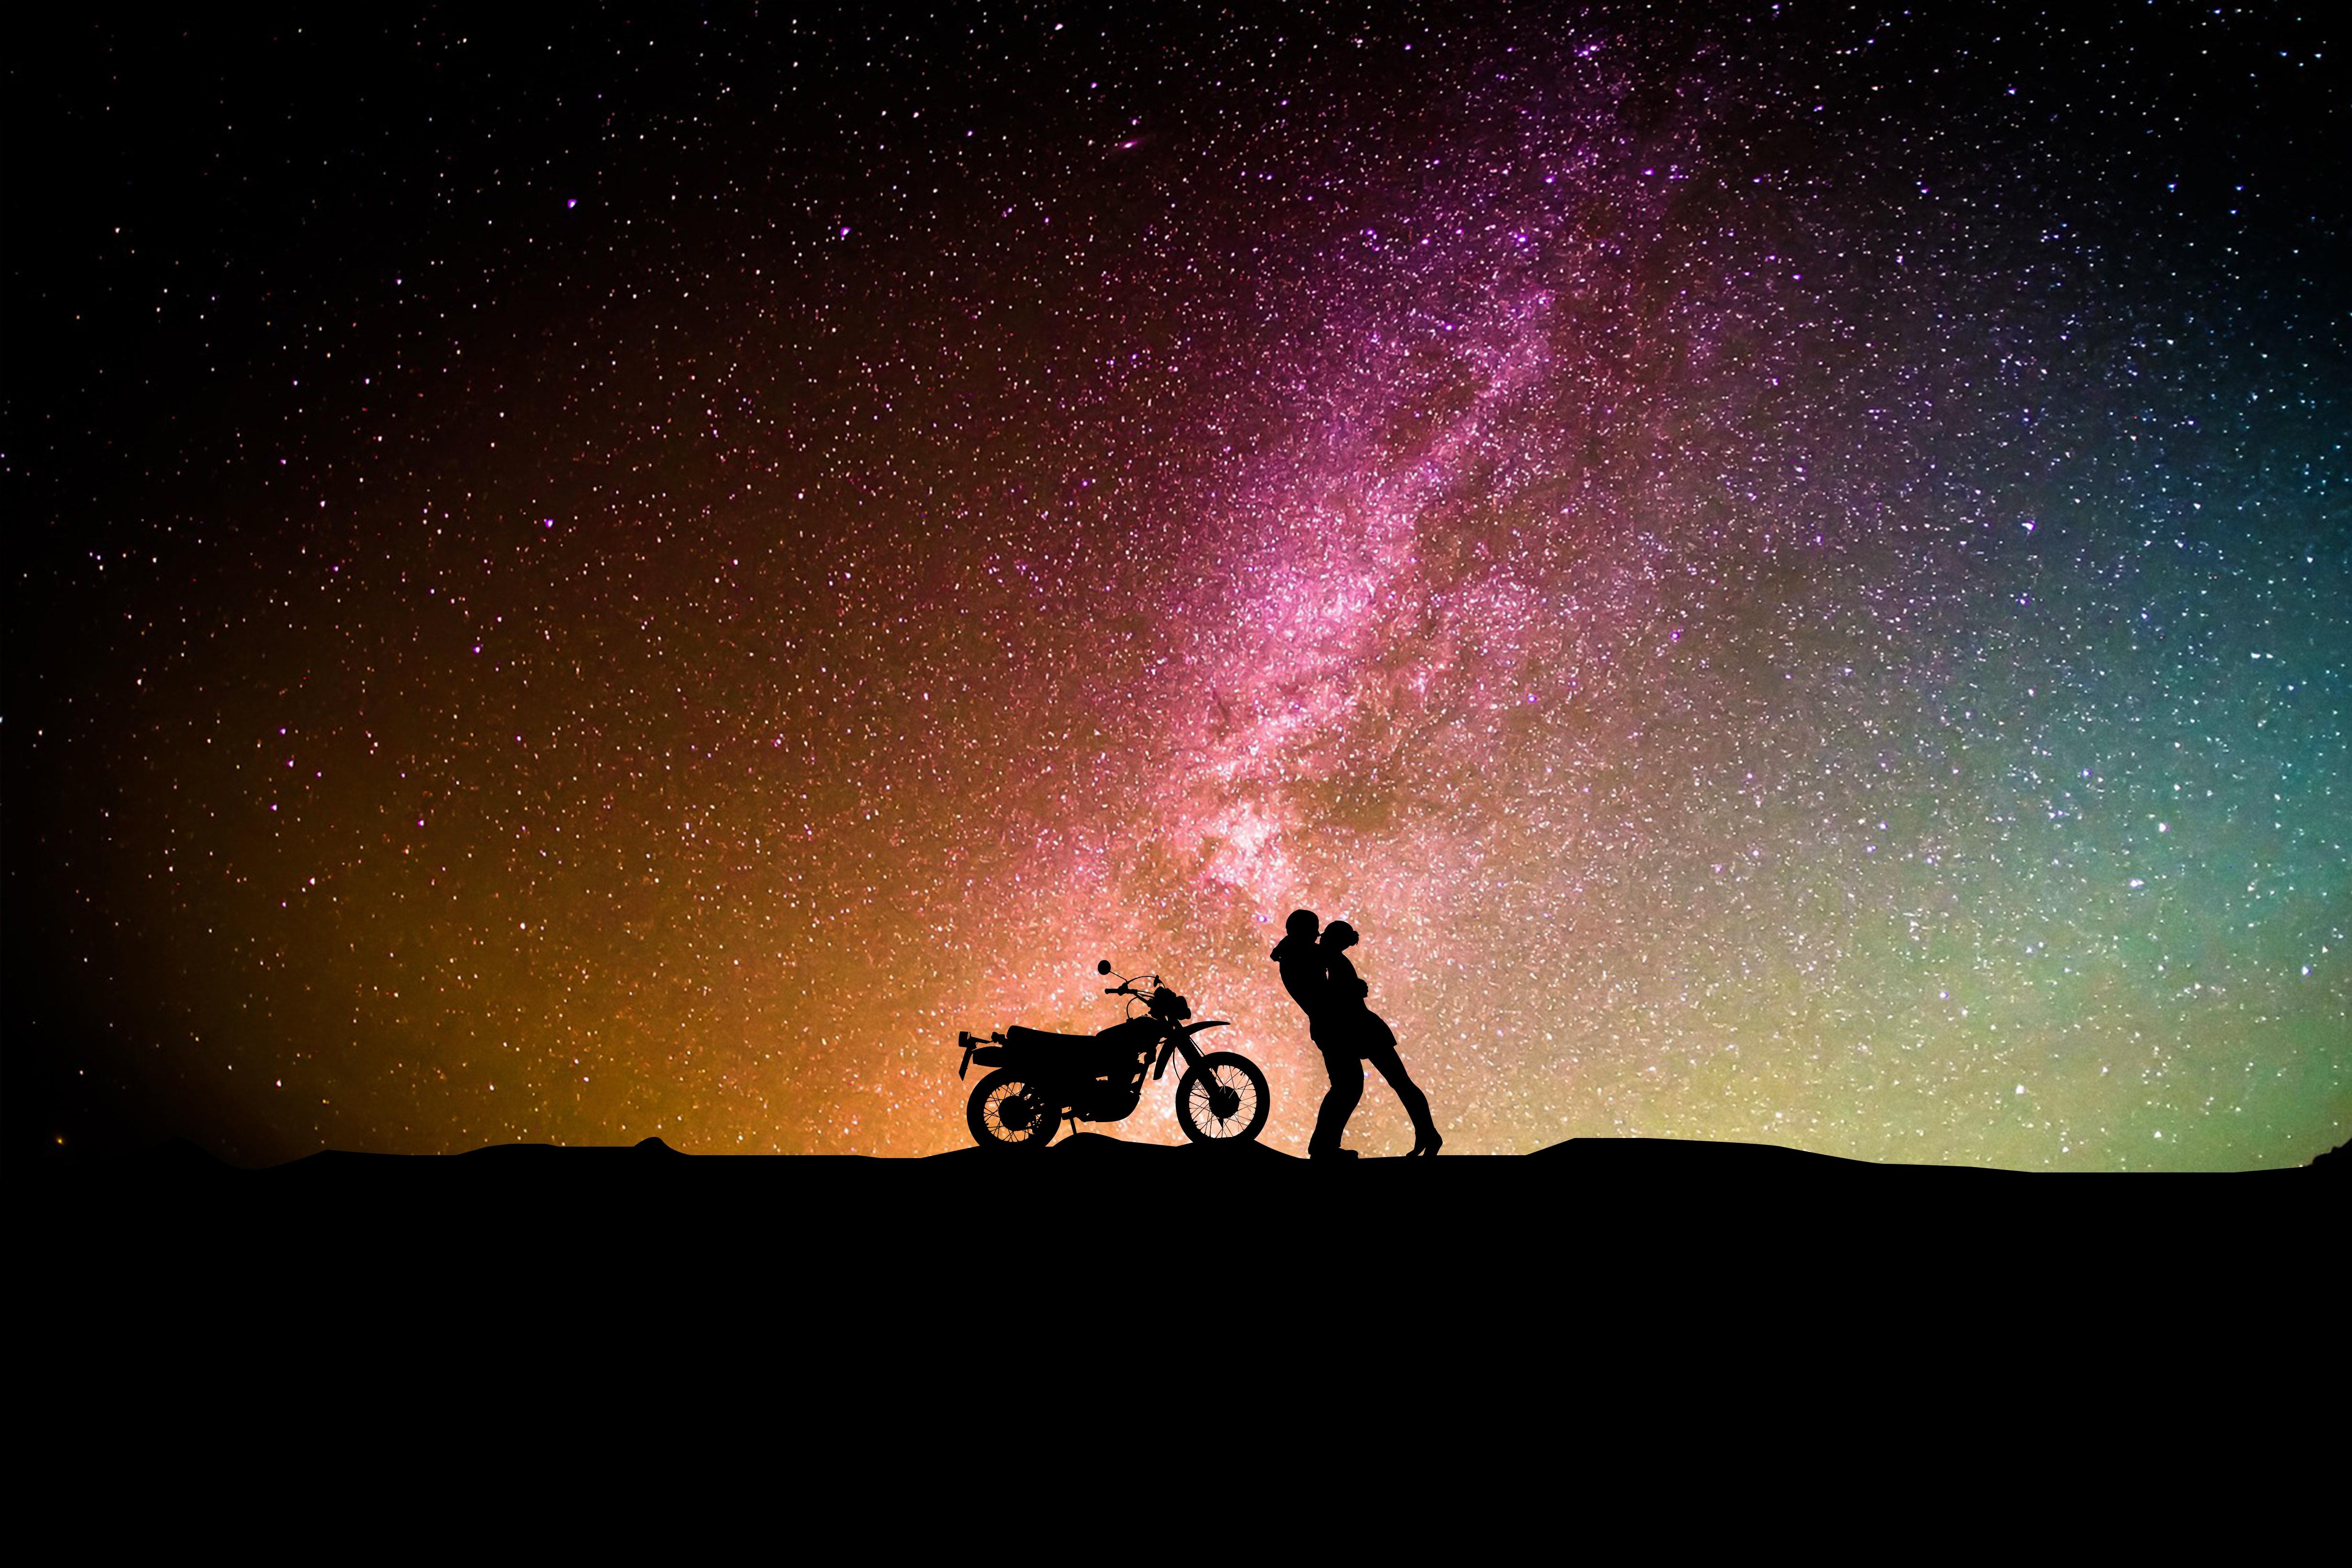 135503 Hintergrundbild herunterladen Liebe, Paar, Silhouetten, Sternenhimmel, Motorrad, Umarmung, Umarmen - Bildschirmschoner und Bilder kostenlos